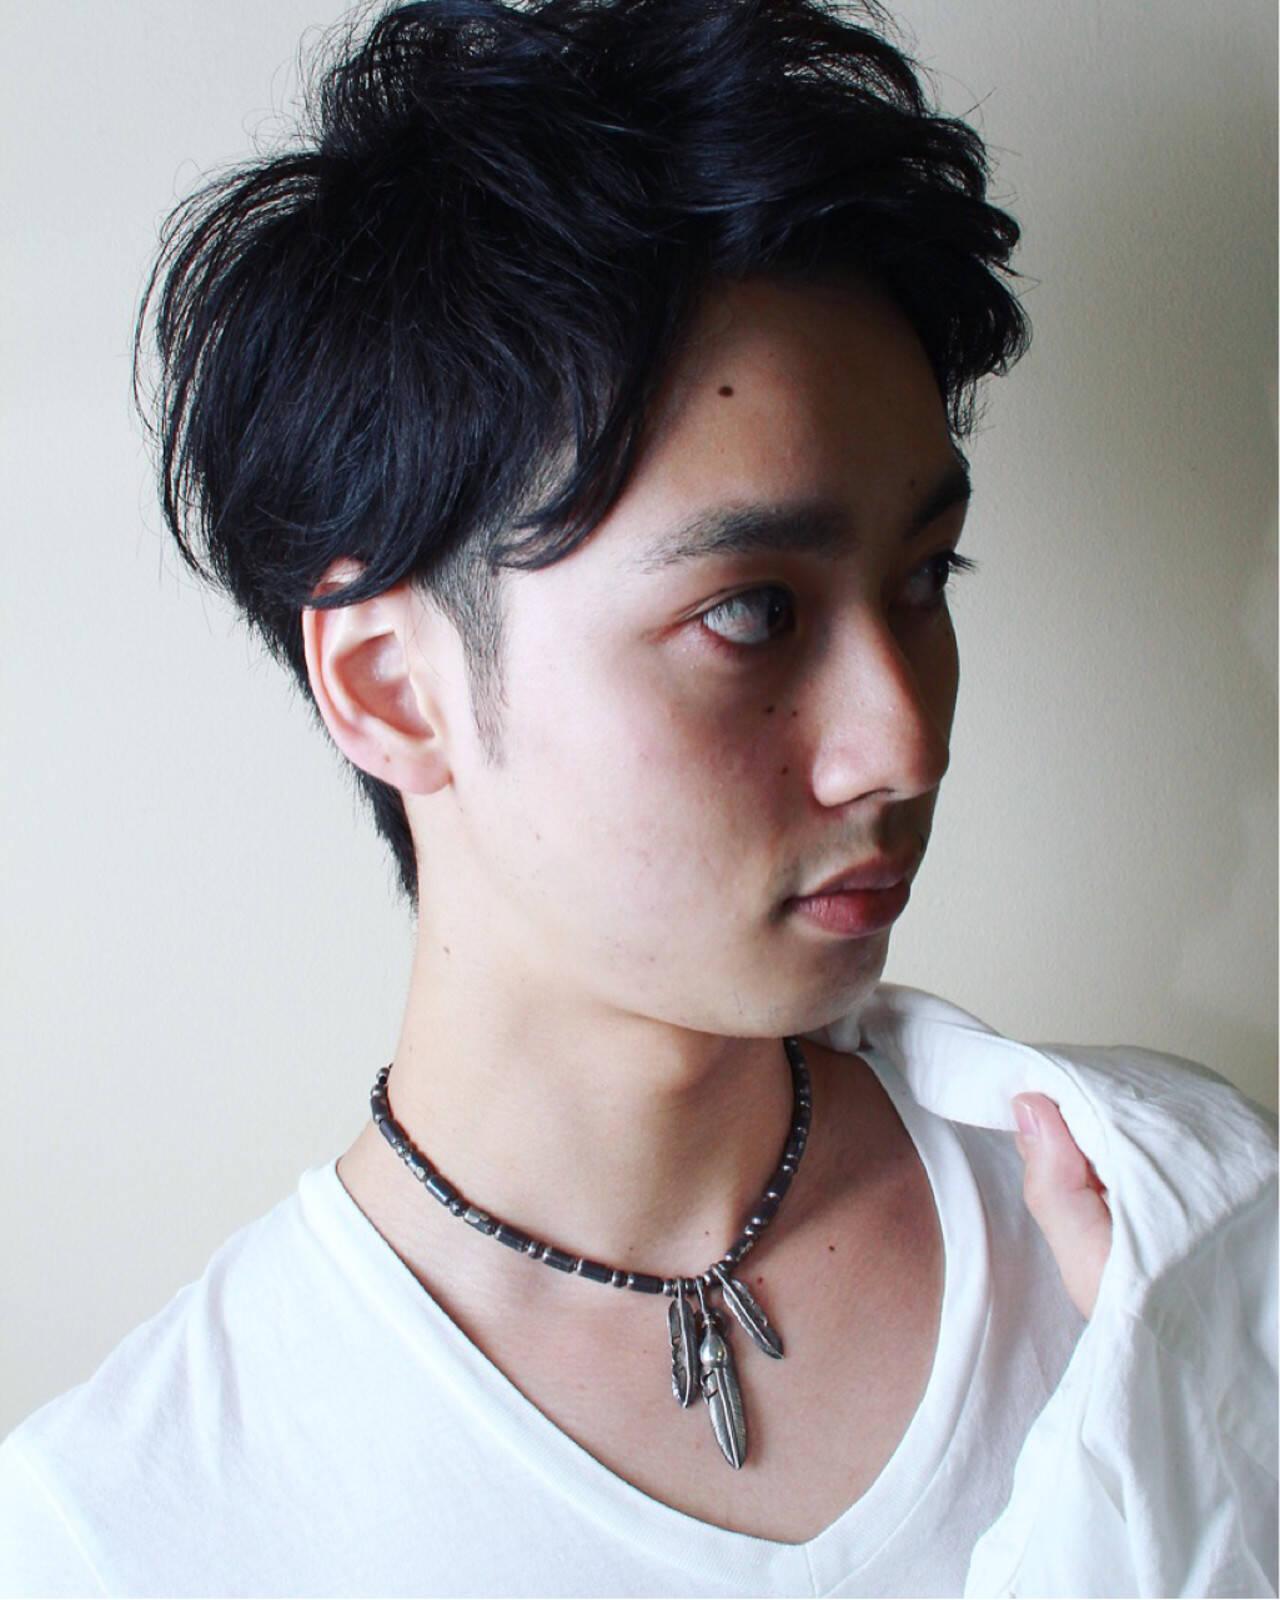 ショート 黒髪 パーマ ボーイッシュヘアスタイルや髪型の写真・画像